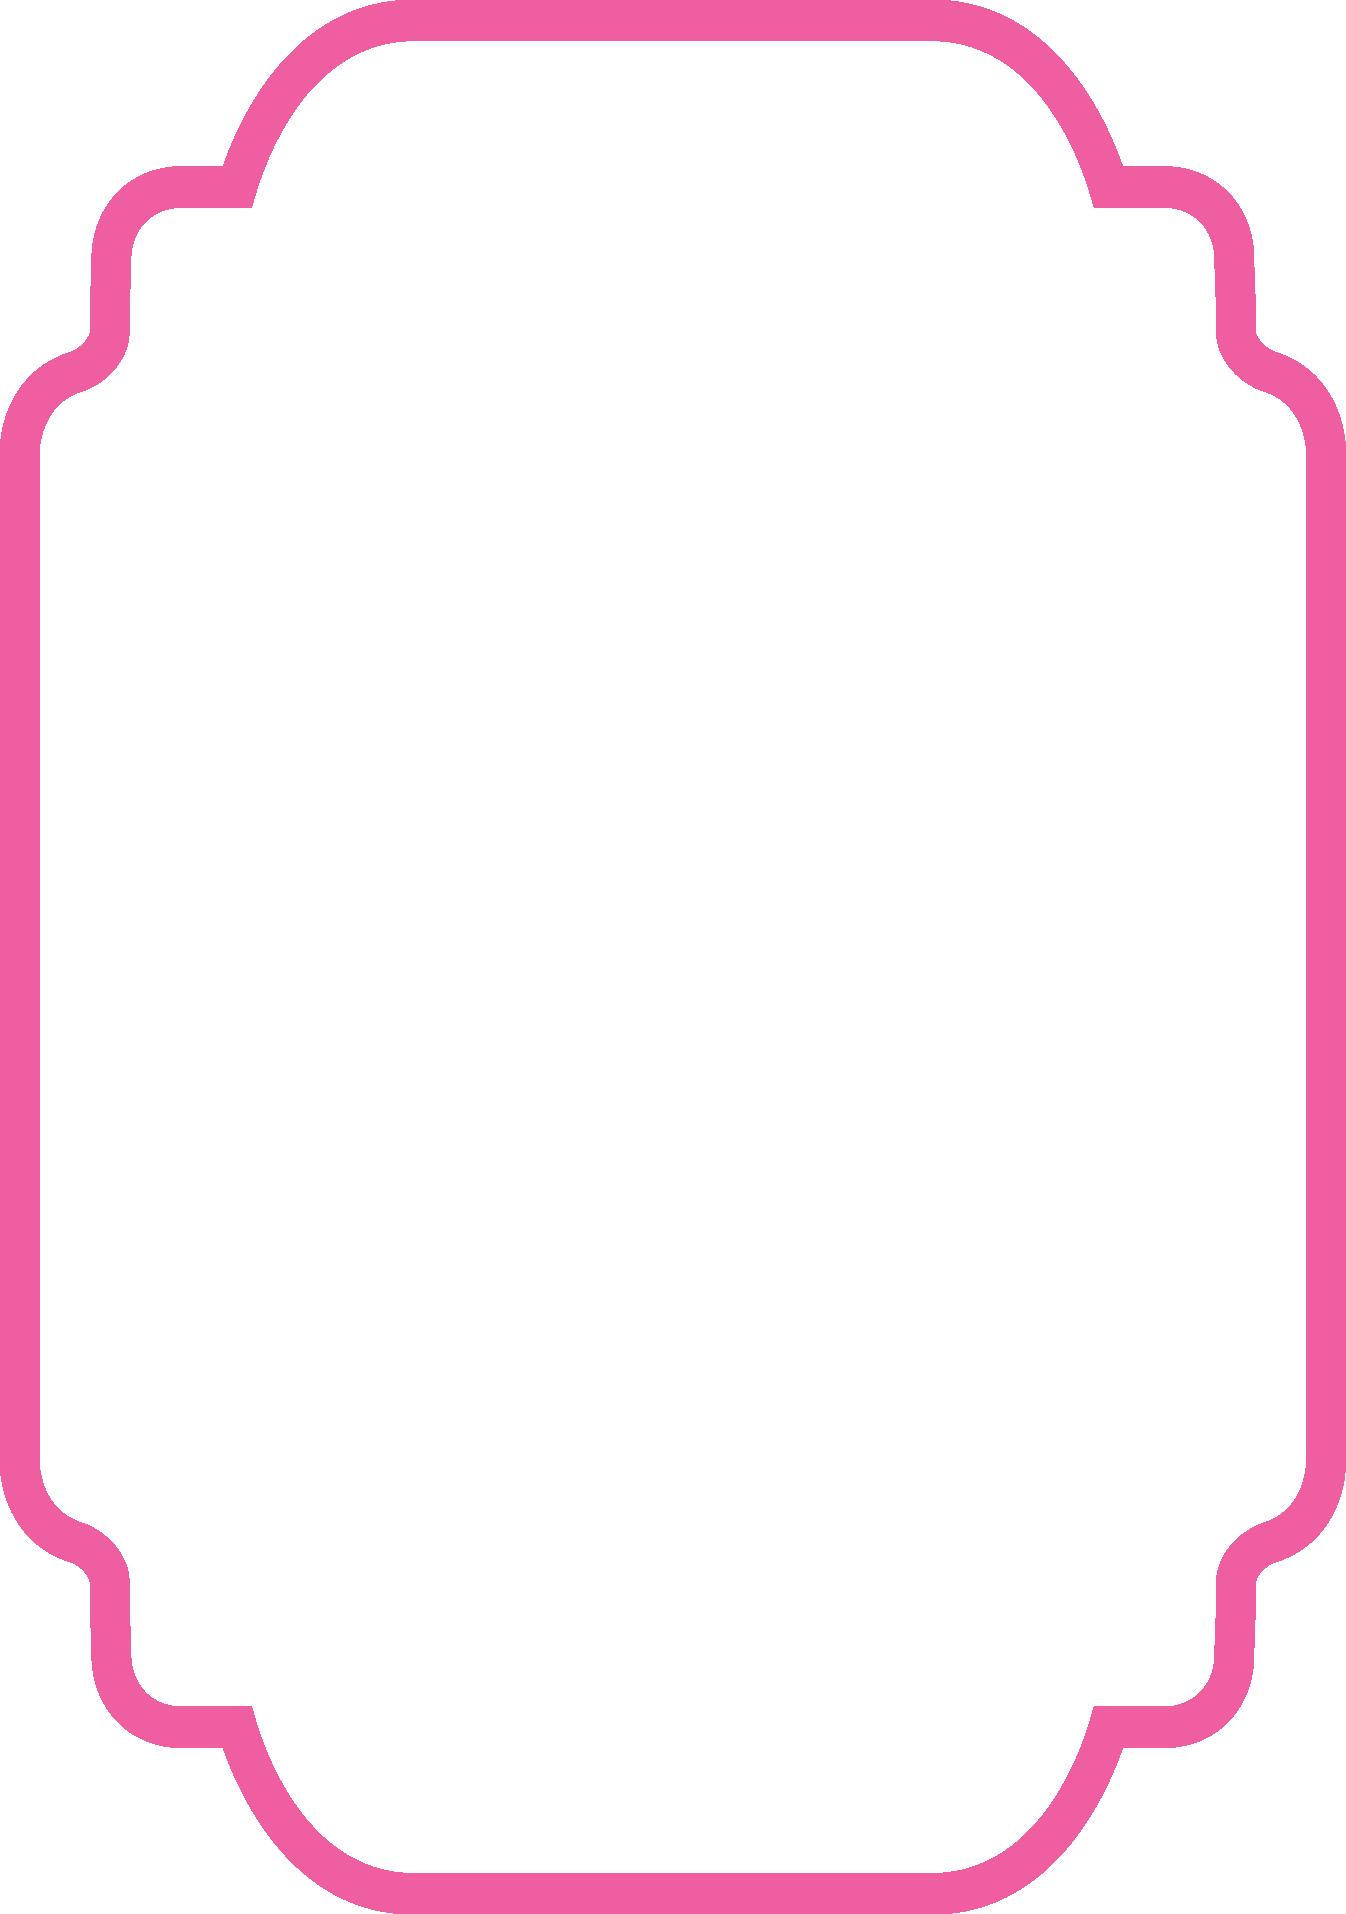 Pin von Berenice auf graficos | Pinterest | Rahmen, Hintergründe und ...